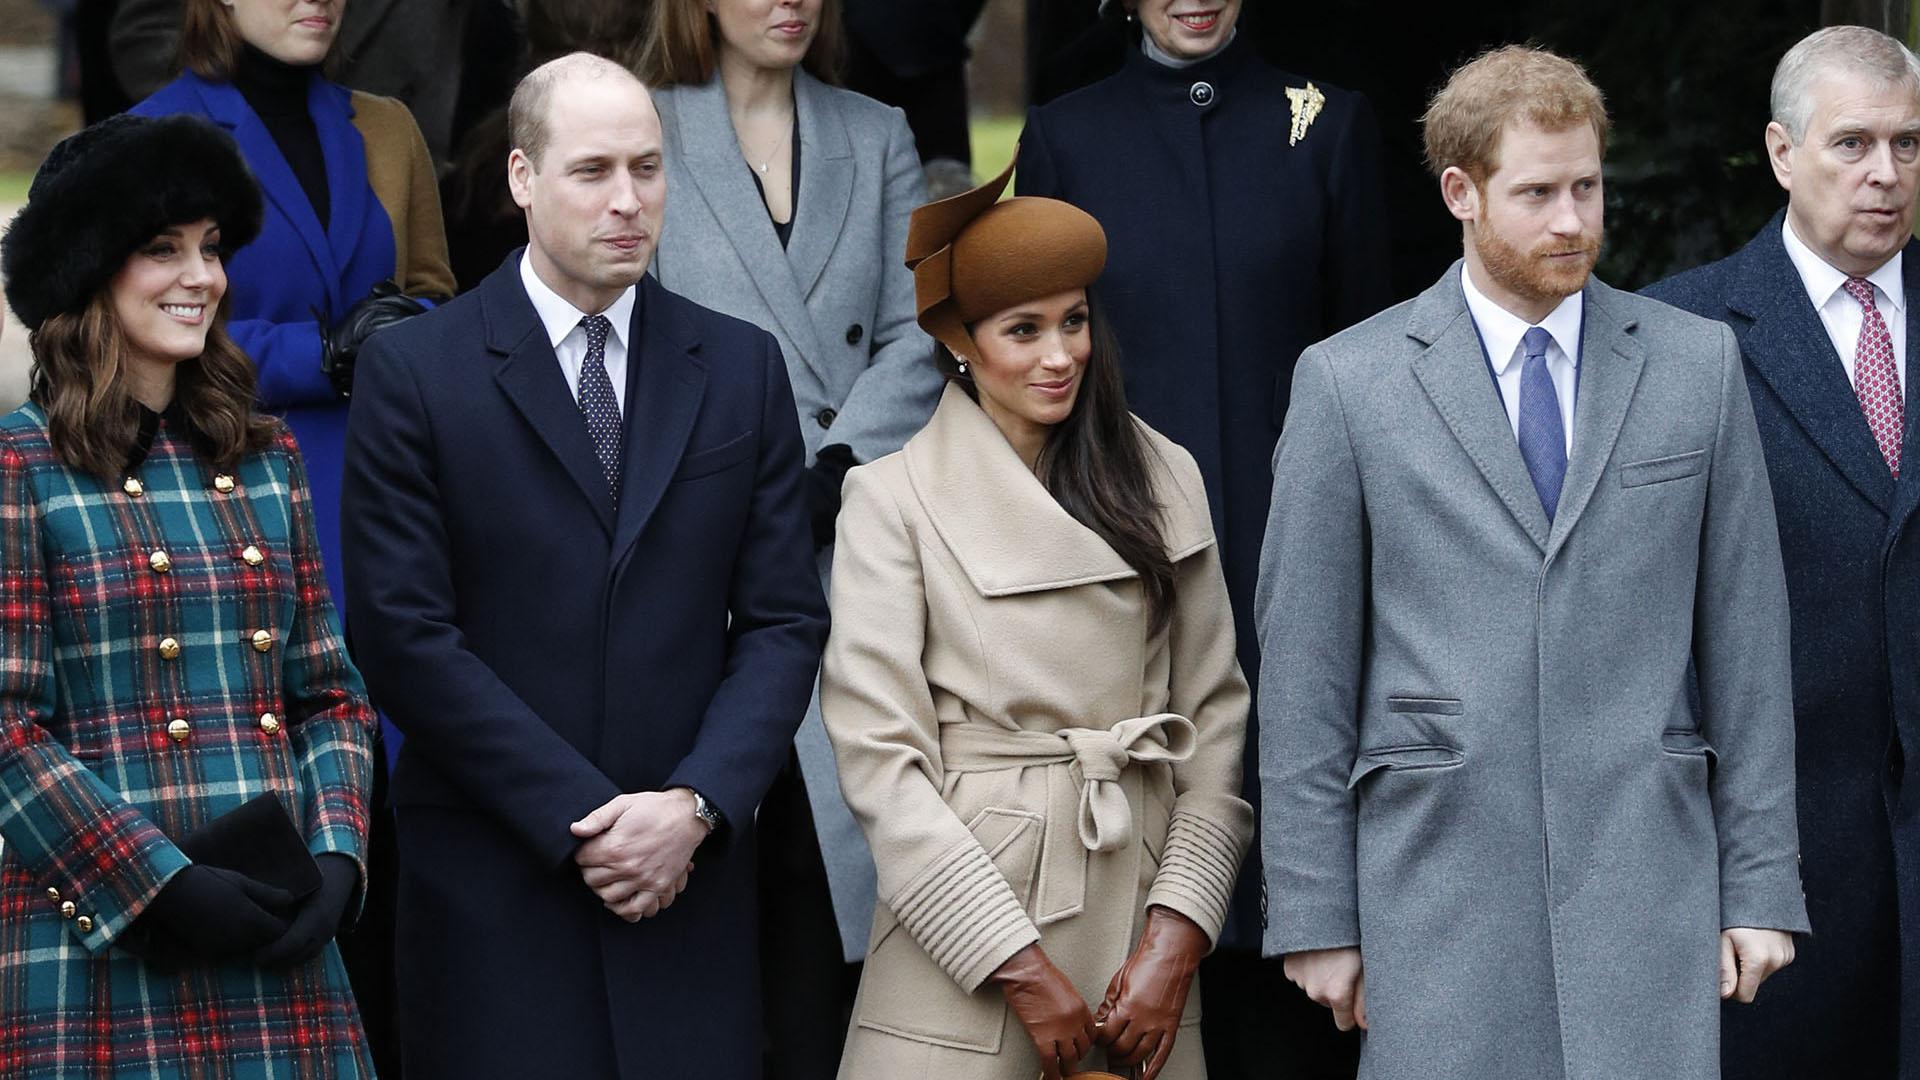 Mientras Catalina de Cambridge eligió un llamativo tapado a cuadros con botones dorados, acompañado por guantes y sombrero negro; Meghan Markle prefirió un look más sobrio, compuesto por un tapado claro y guantes de piel a tono con su particular sombrero /// Fotos: AFP